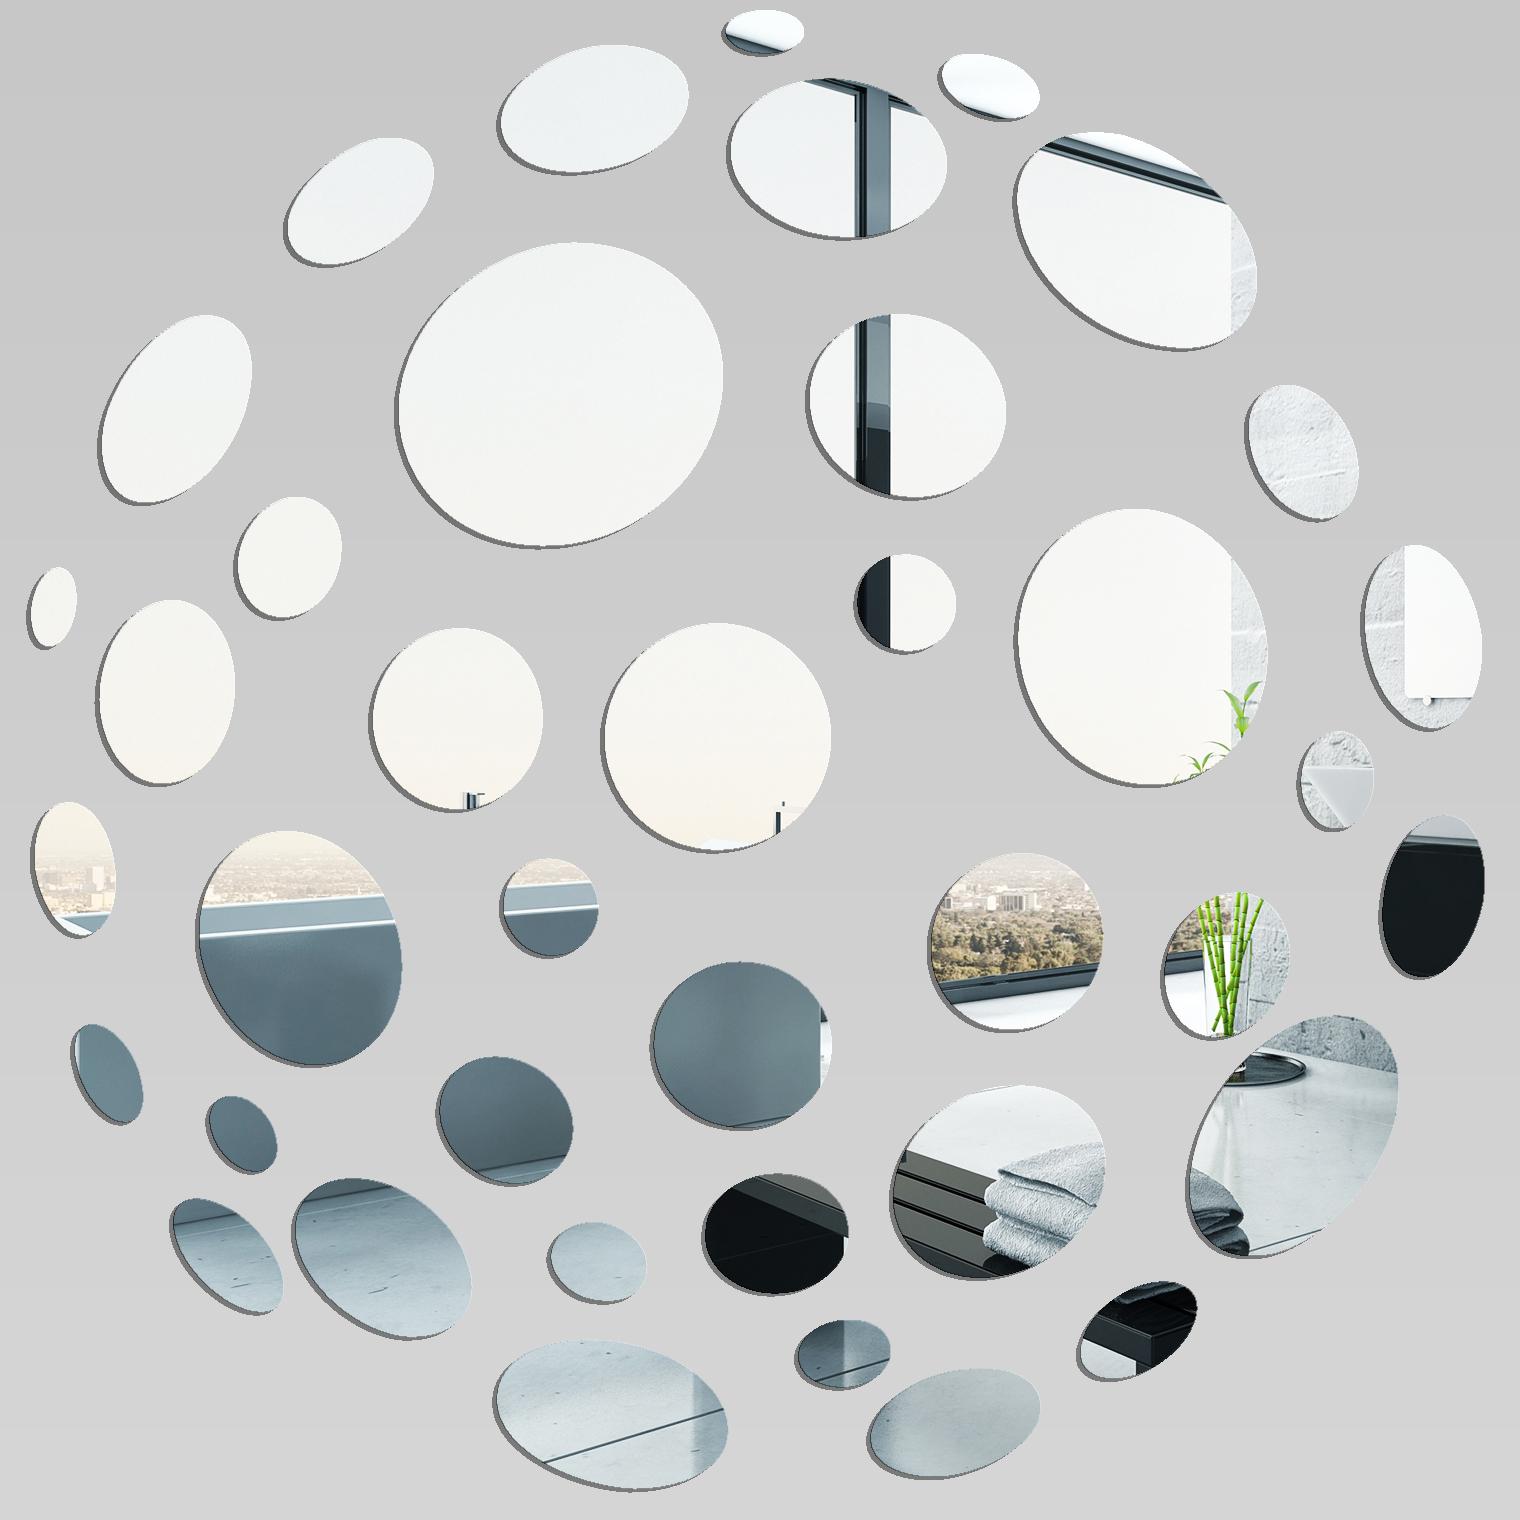 Vinilos folies espejos decorativo acr lico pl xiglas 10 for Cuadros con espejos redondos